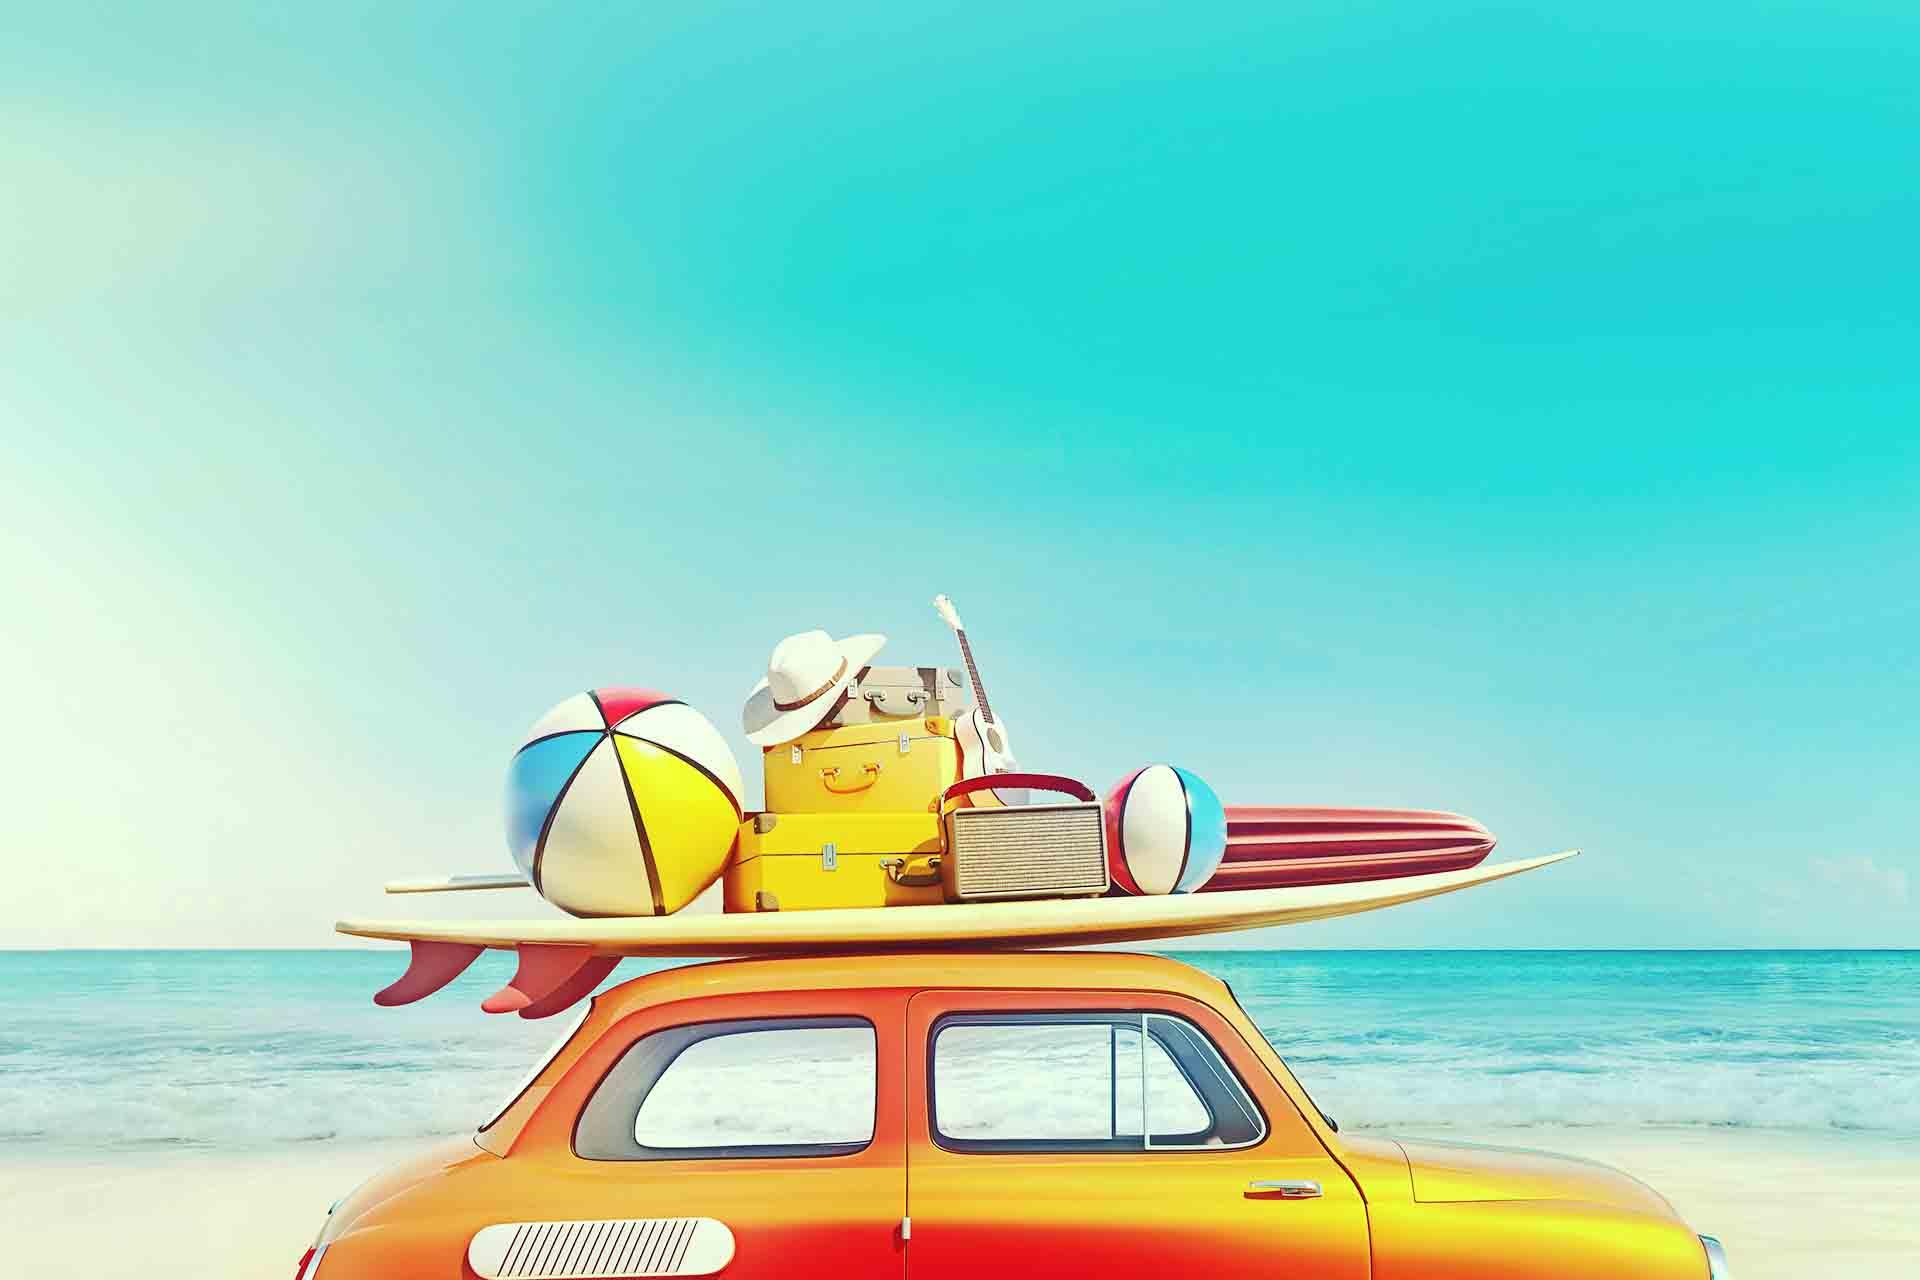 Viaja tranquilo con estas coberturas de tu seguro de asistencia en viaje